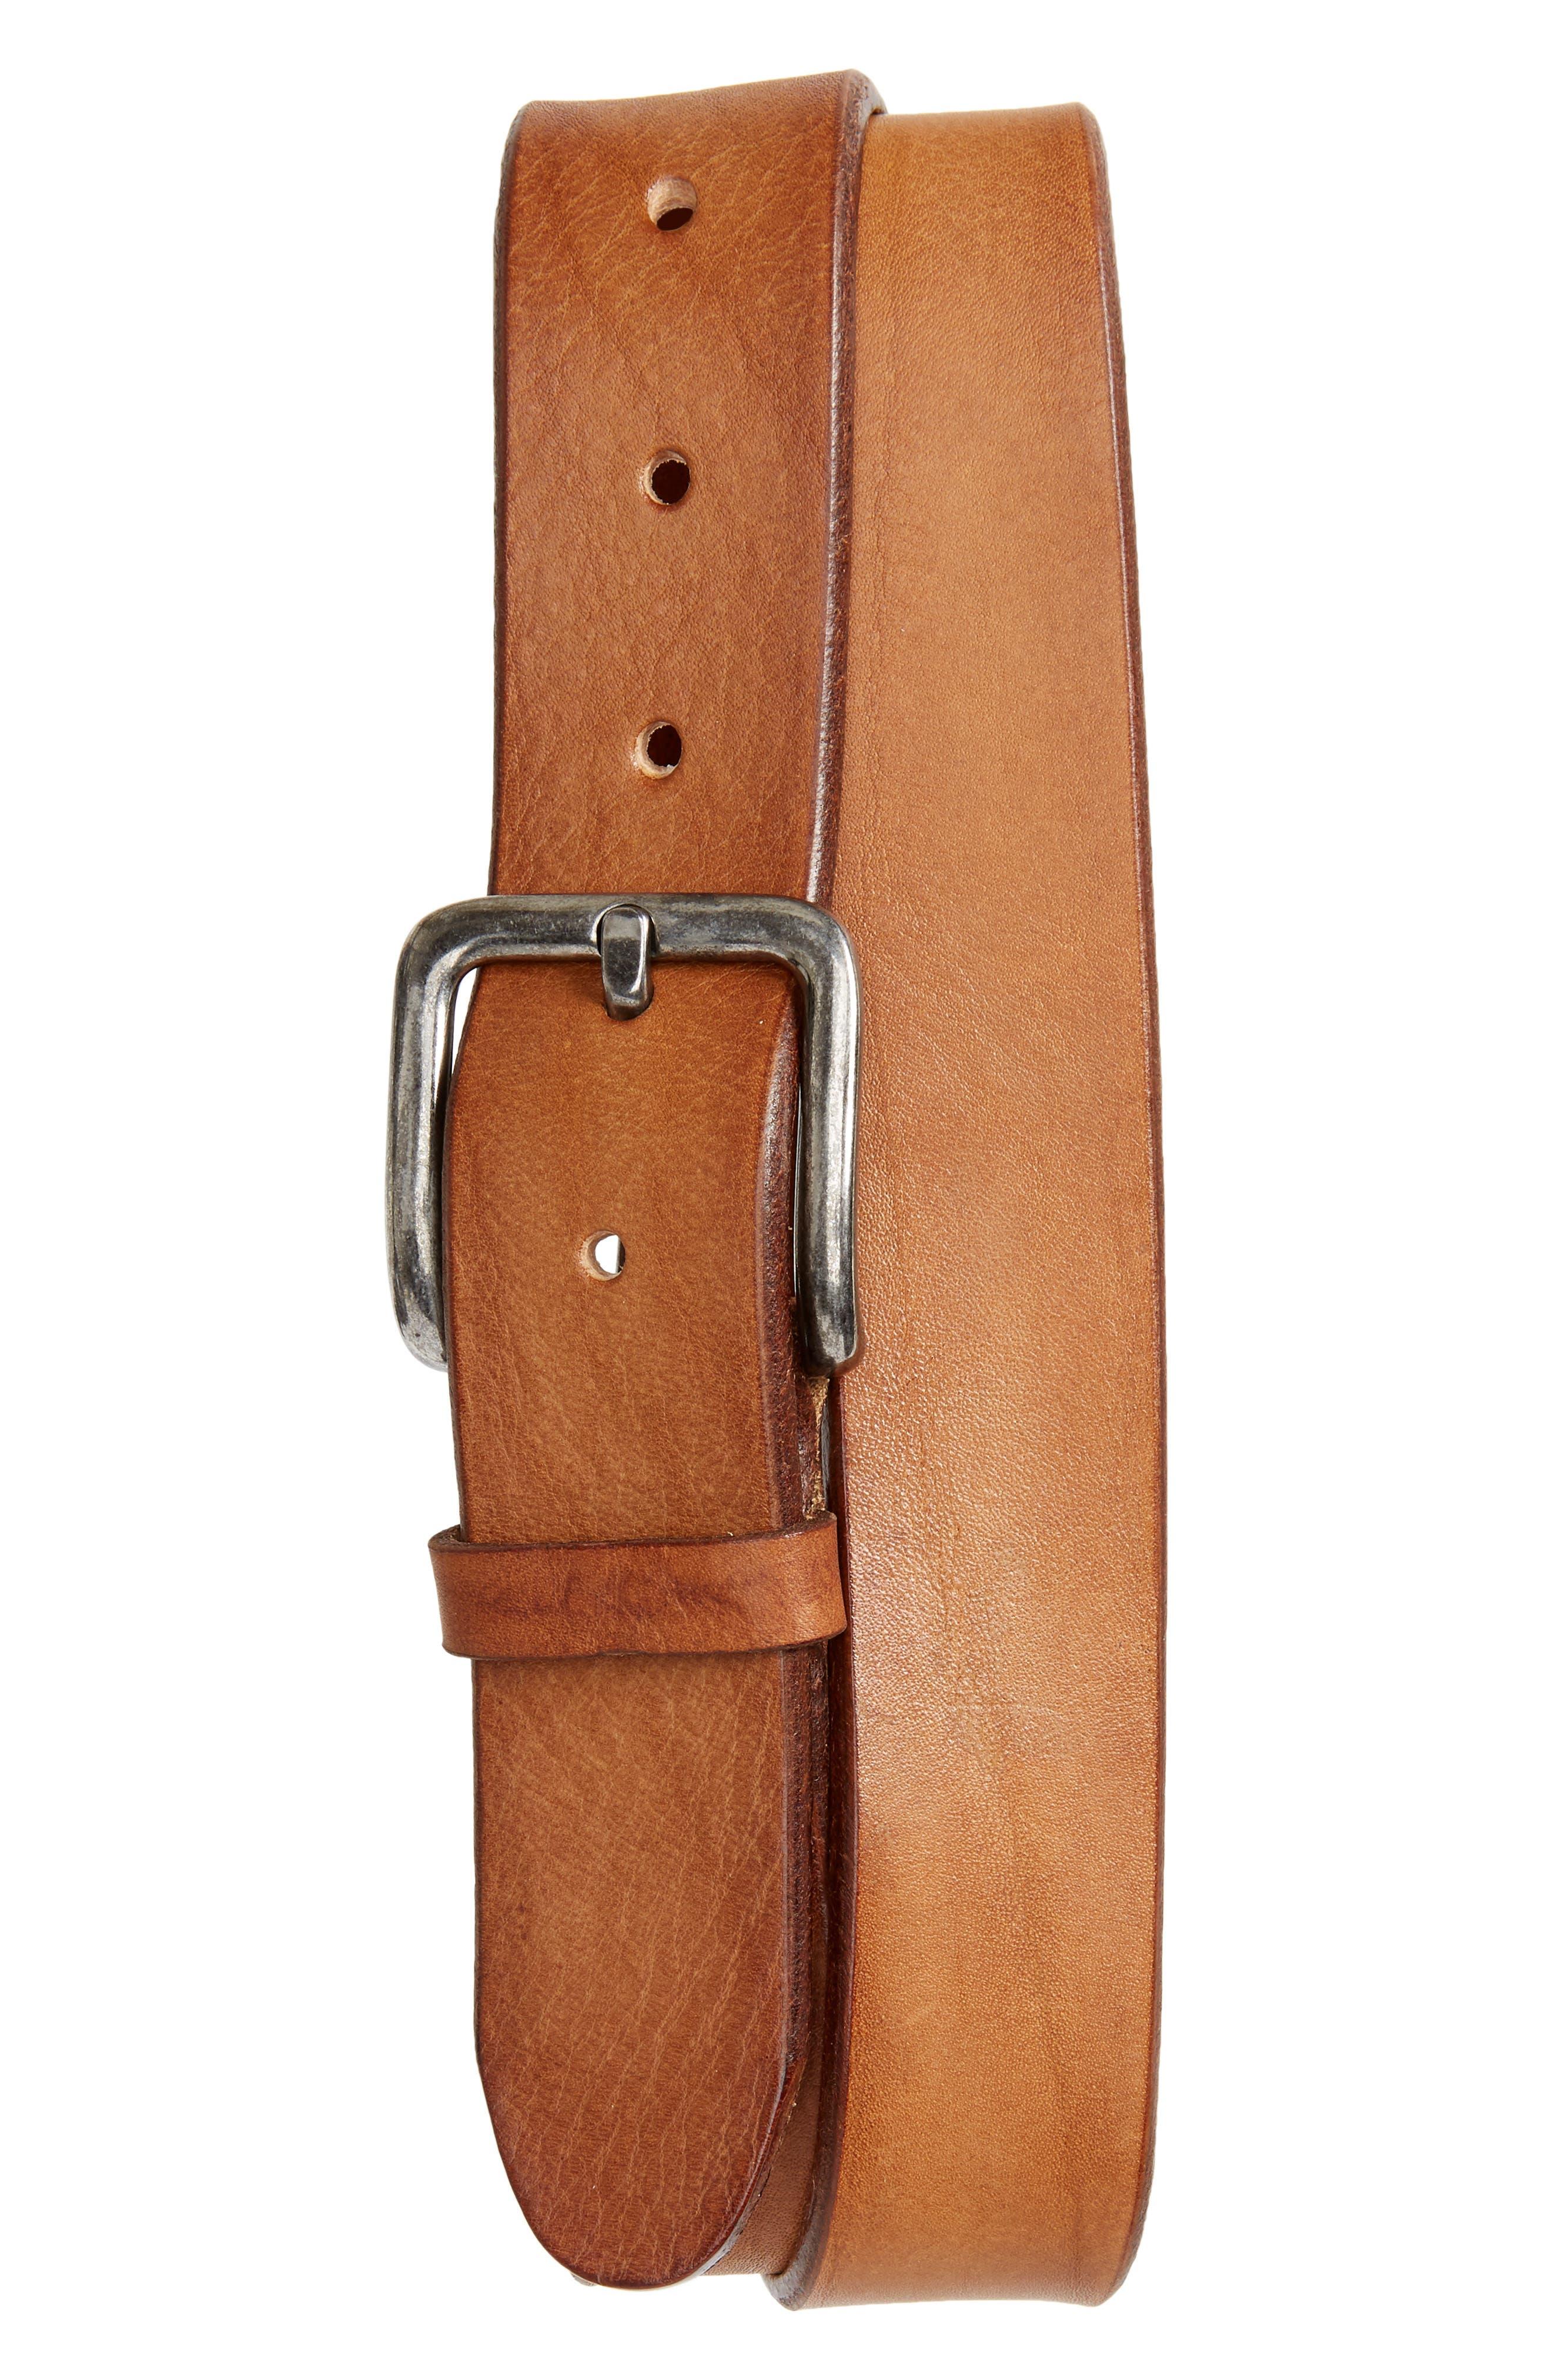 Orris Tumbled Leather Belt,                             Main thumbnail 1, color,                             COGNAC